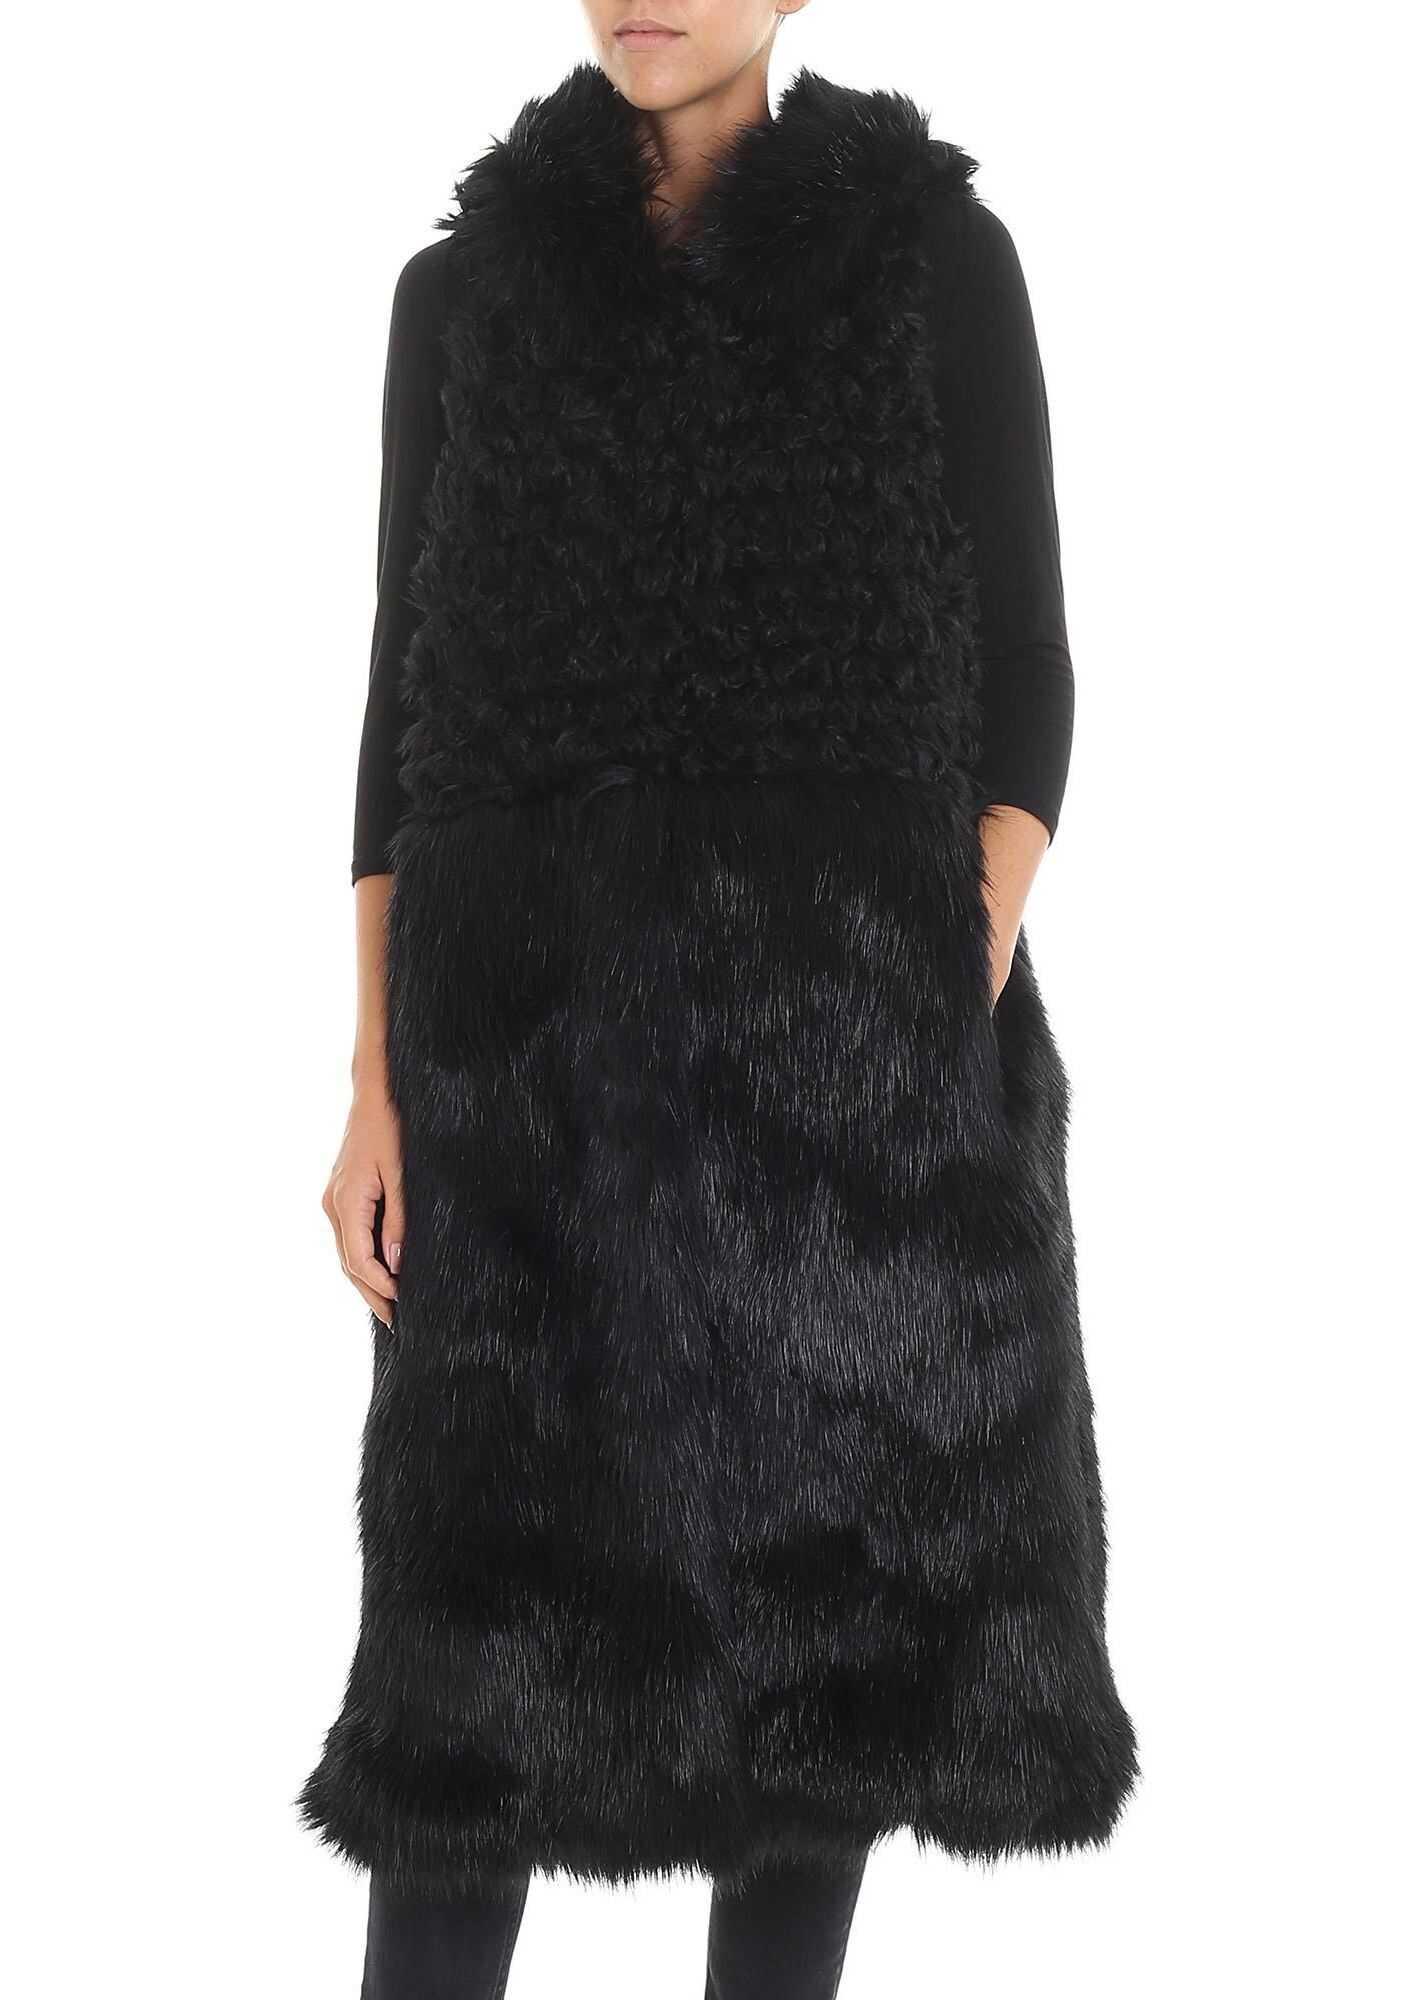 L'Autre Chose Long Black Eco-Fur Waistcoat Black